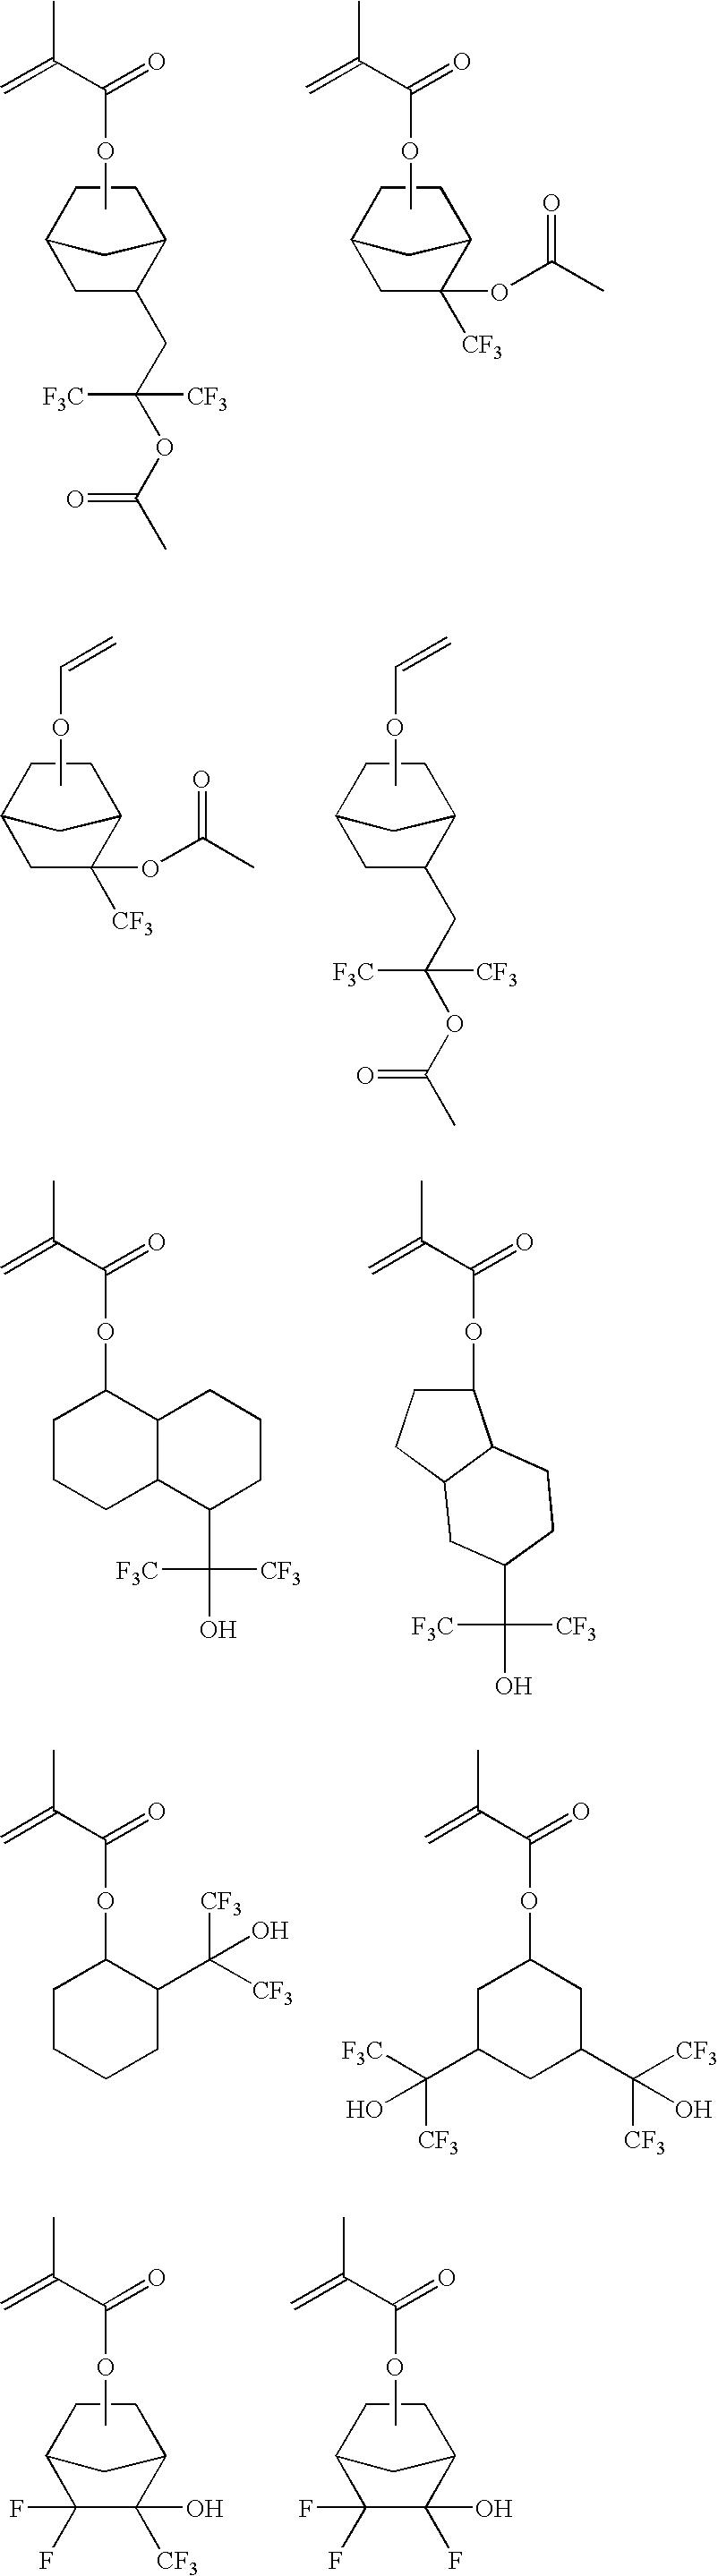 Figure US08129086-20120306-C00024